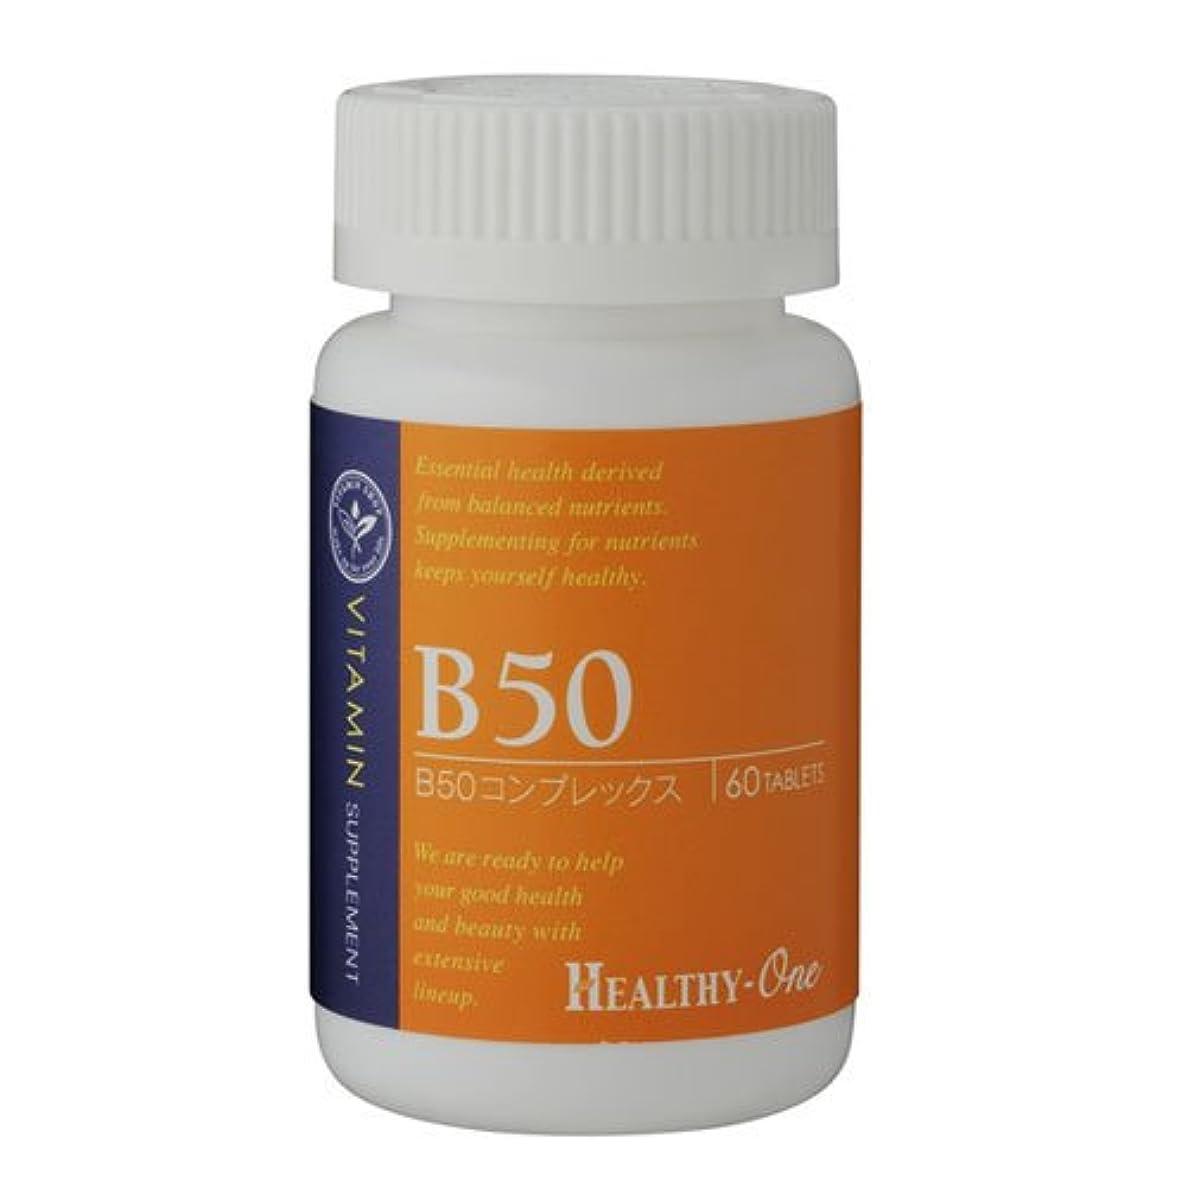 【栄養士常駐】 ビタミンB50 60粒 30~60日分 サプリメント専門店ヘルシーワン(国内17店舗展開)TELでお気軽に相談ください